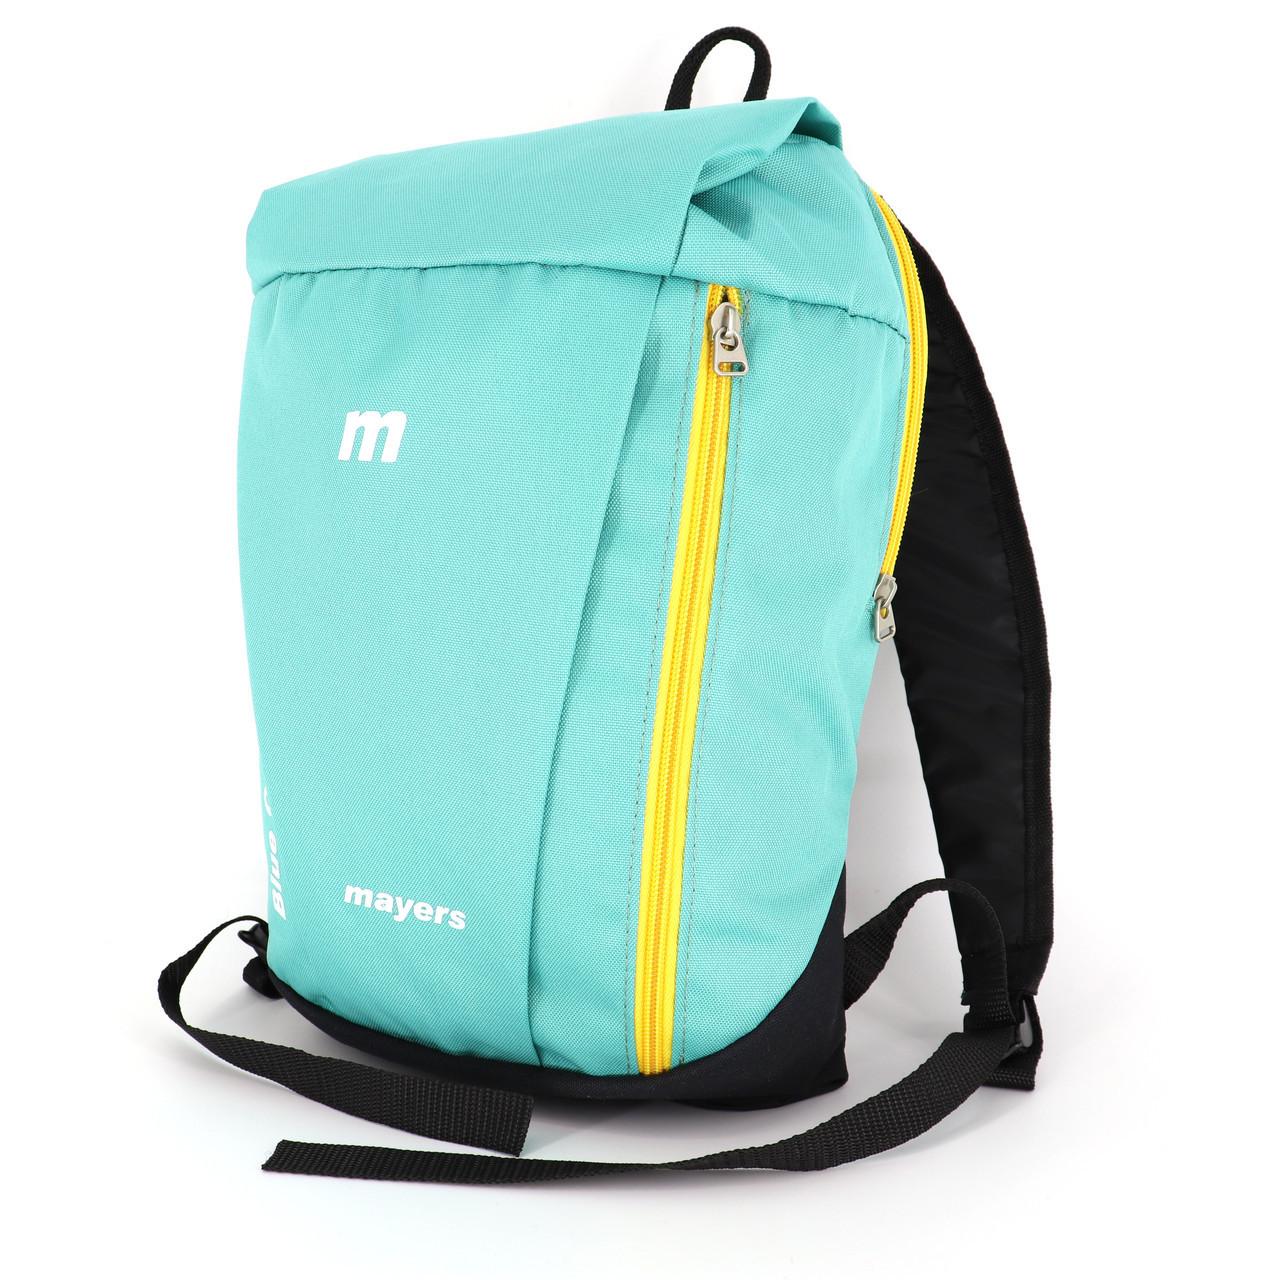 Маленький рюкзак детский повседневного назначения, бирюзовый (желтая молния)